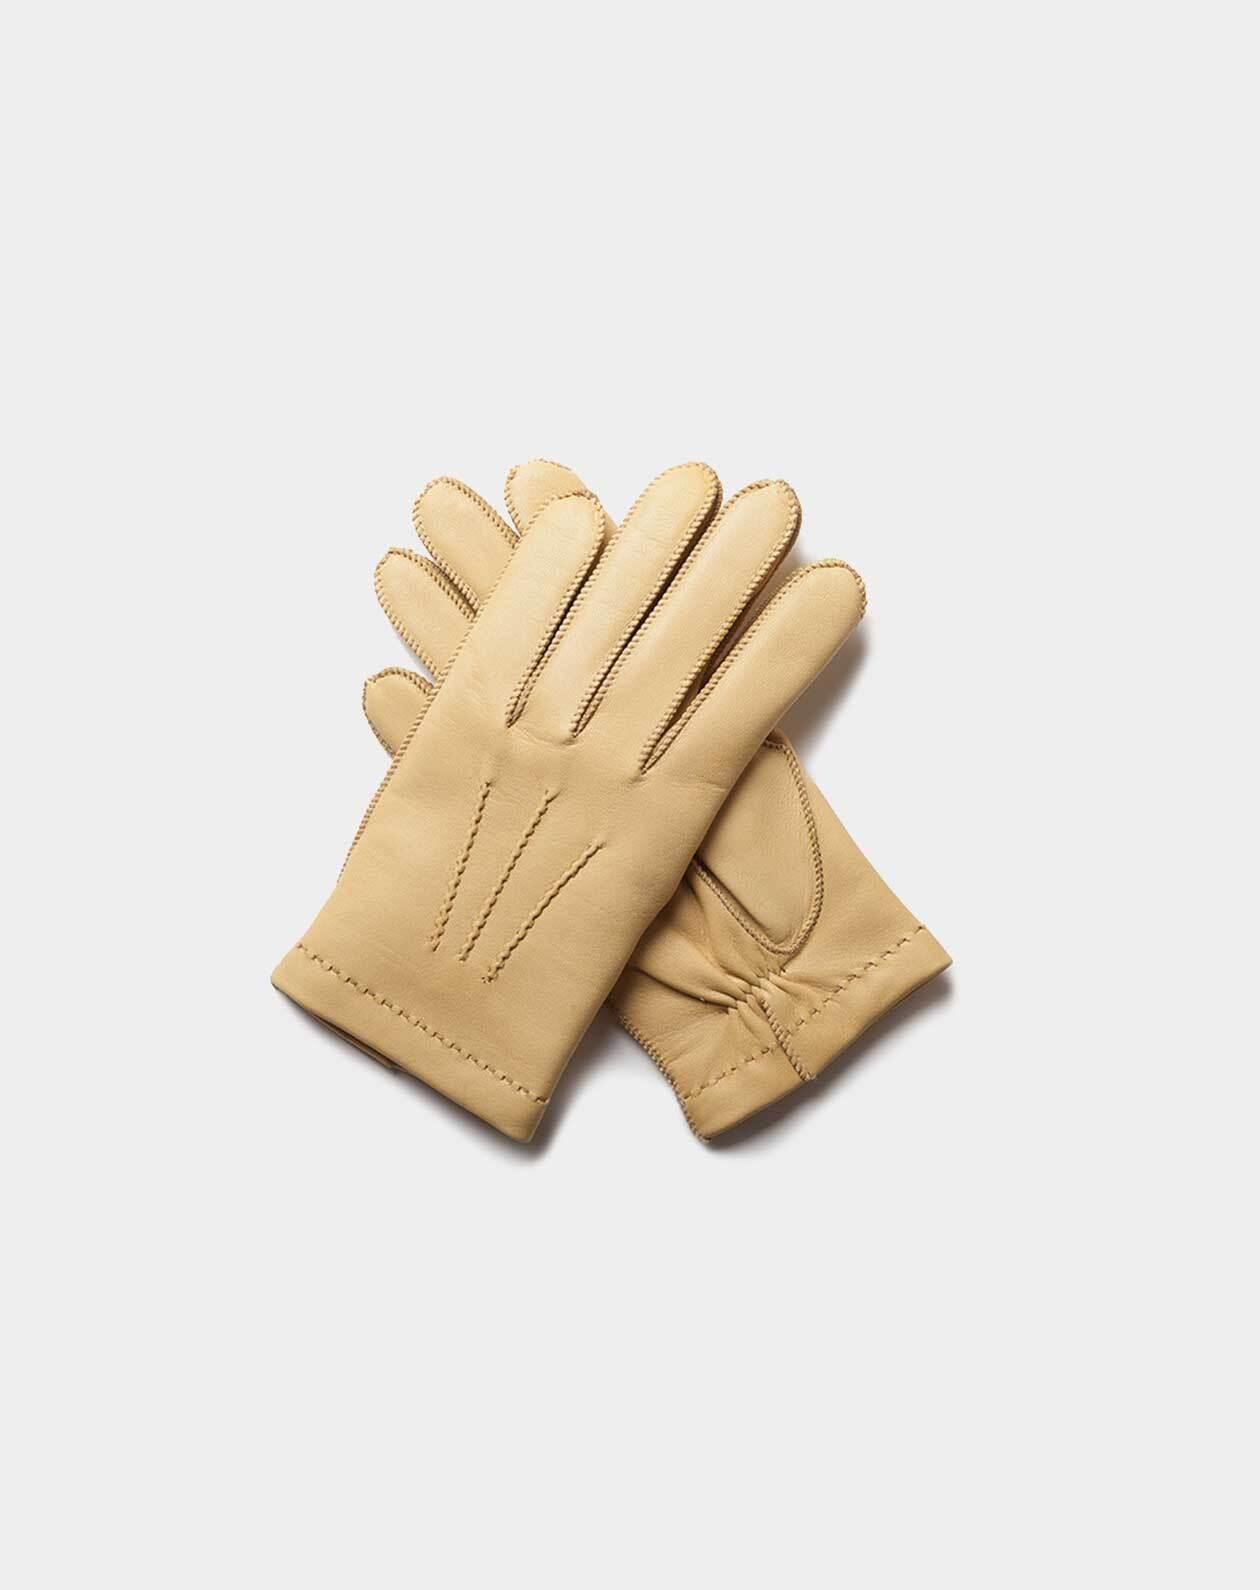 dress gloves handmade in Spain